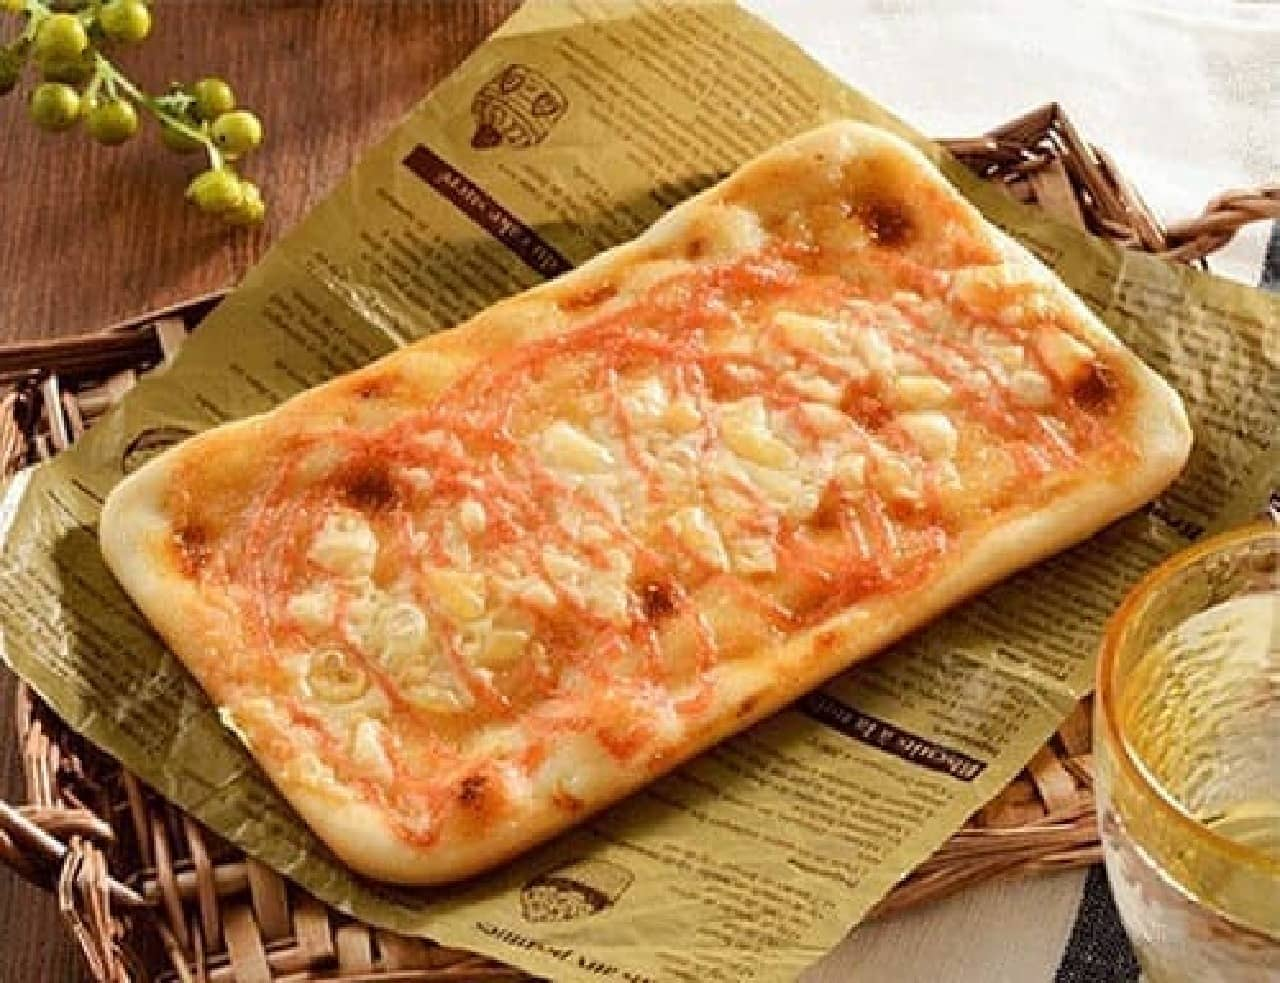 ローソンの「薄焼き明太チーズパン」